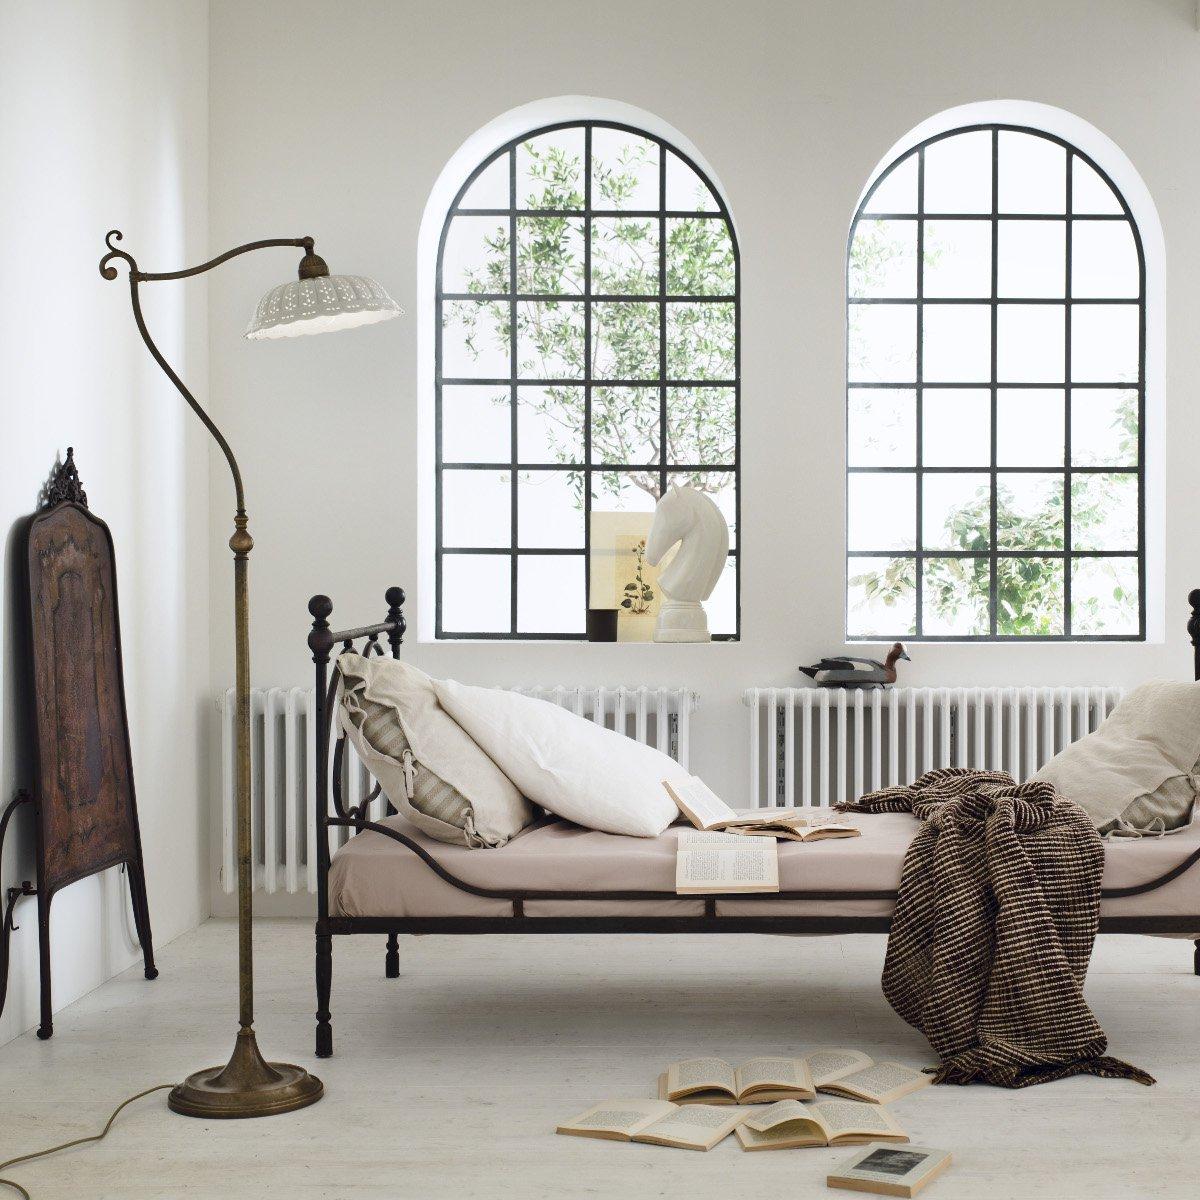 rustikale lampen landhausstil wandlampe rustikal. Black Bedroom Furniture Sets. Home Design Ideas